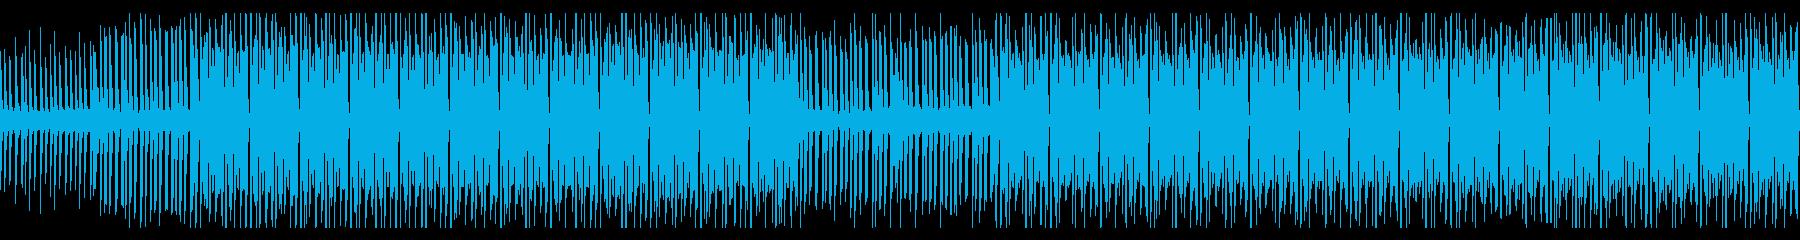 ラジオ番組の後ろで流れそうなEDMの再生済みの波形